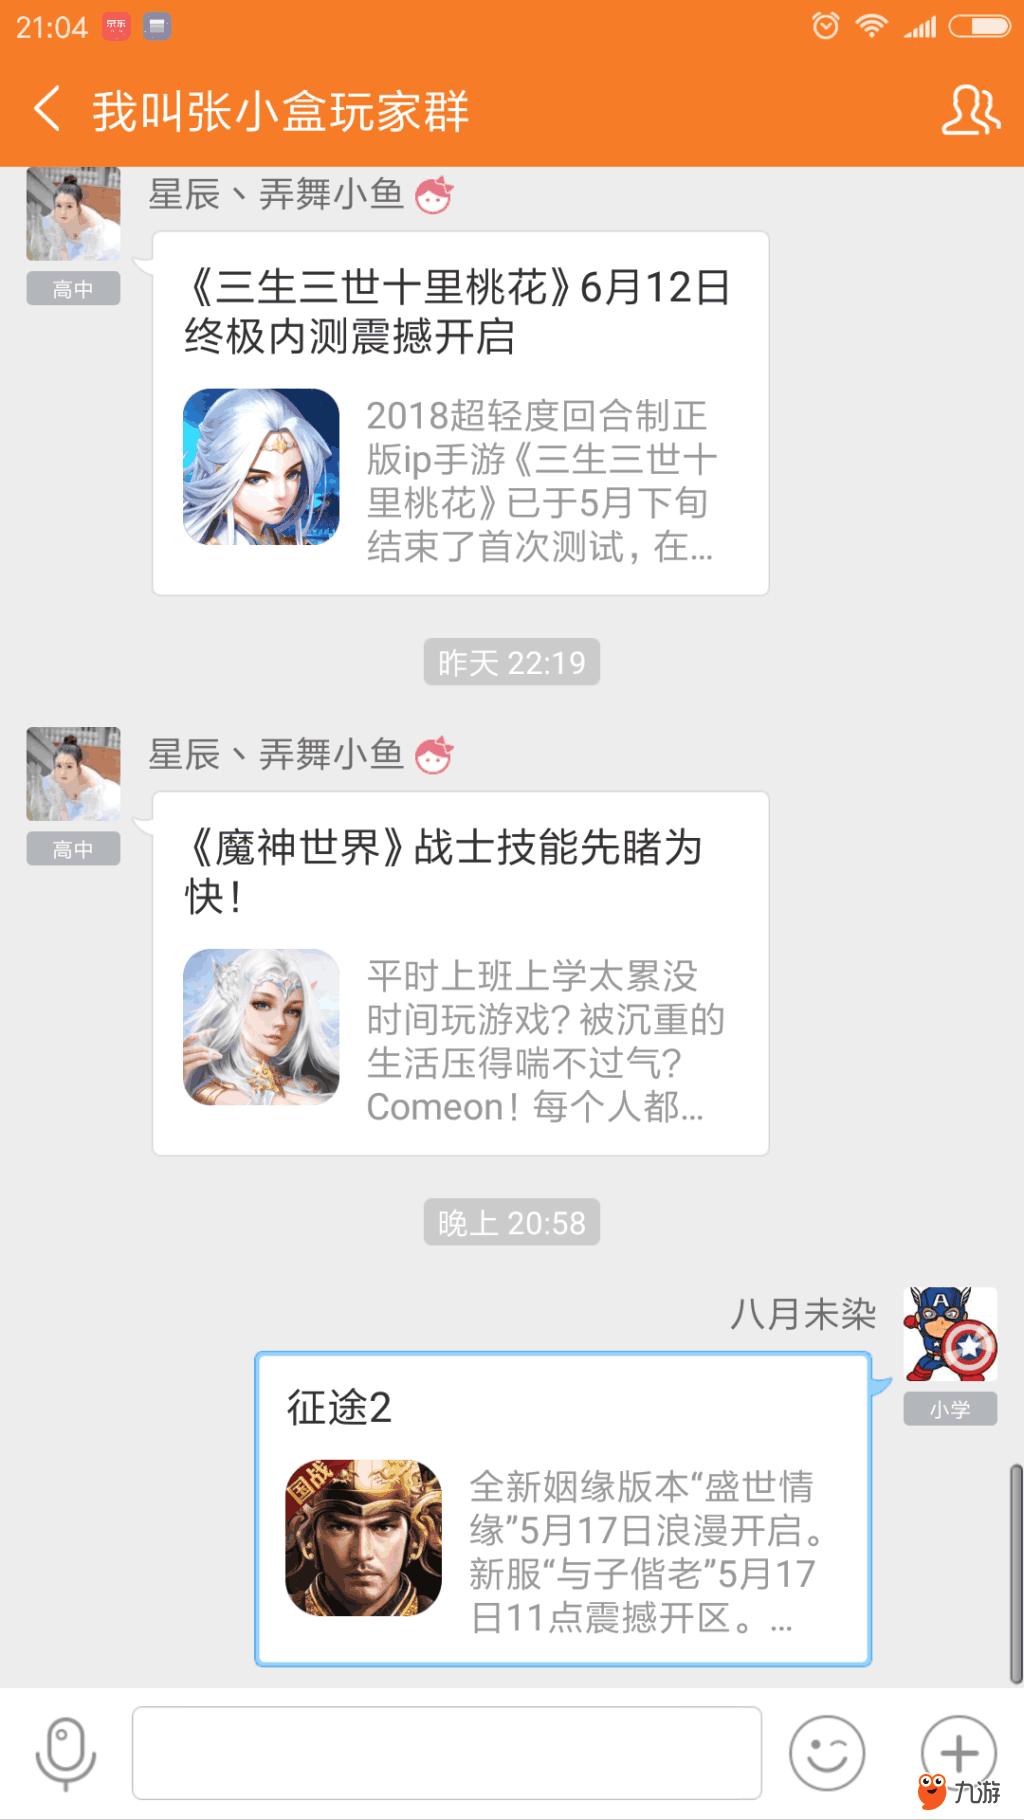 Screenshot_2018s06s14s21s04s20s556_cn.ninegame.ga.png